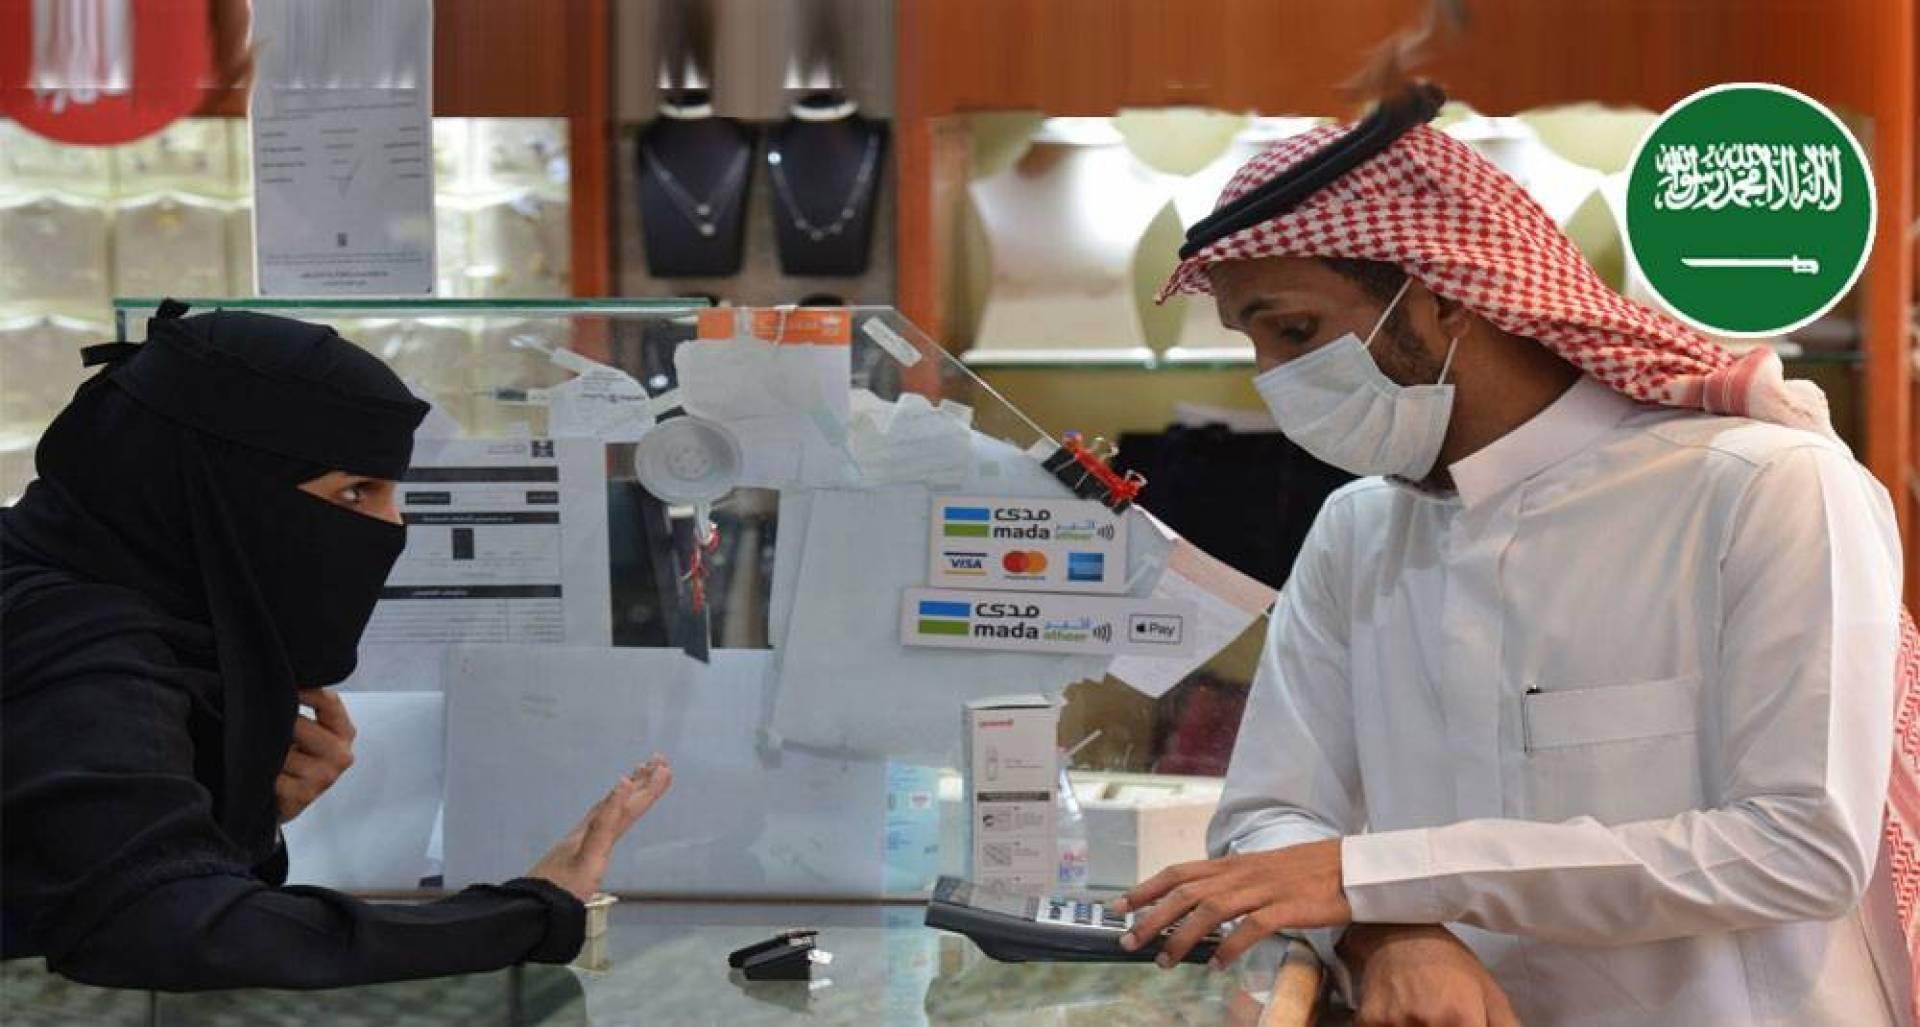 هيئة «منشآت» السعودية: 99.5 % من الشركات الصغيرة والمتوسطة بالمملكة تأثرت بـ «كورونا»